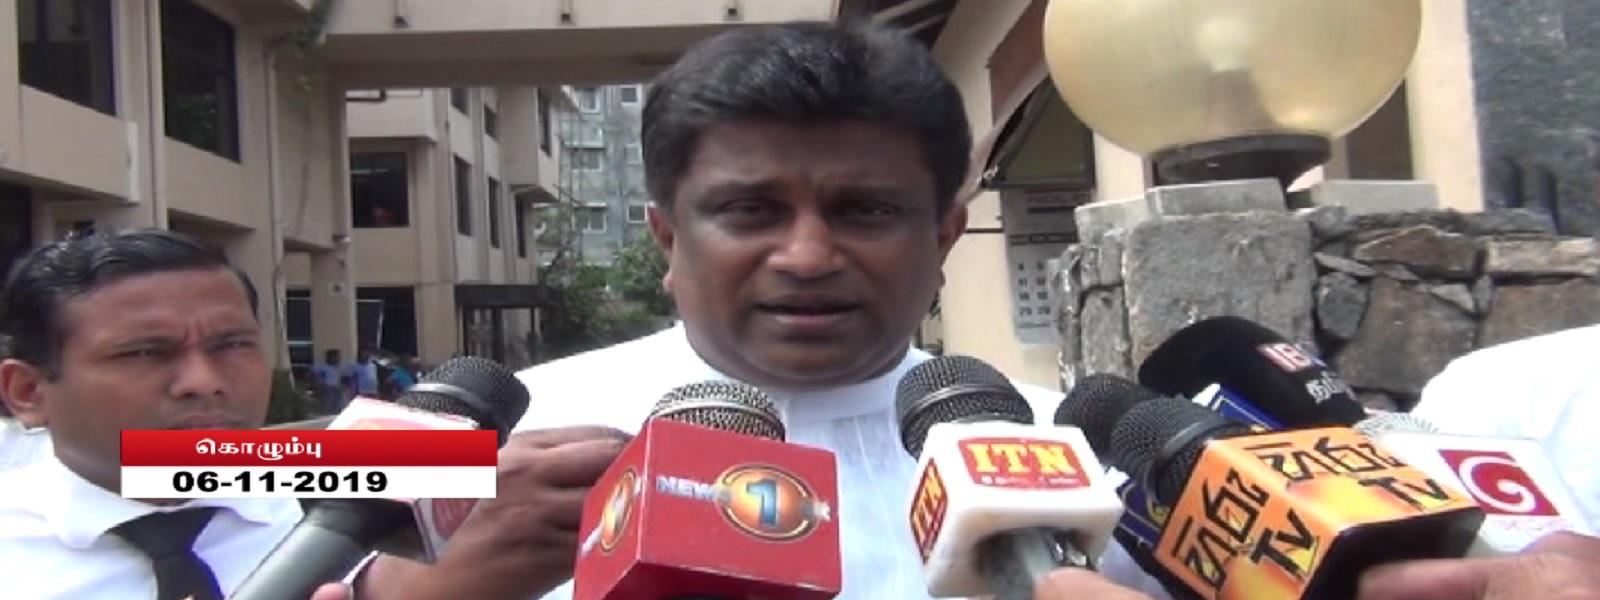 அவசர அழைப்பு இலக்கம் முடக்கம்: புதிய ஜனநாயக முன்னணி தேர்தல்கள் ஆணைக்குழுவில் முறைப்பாடு